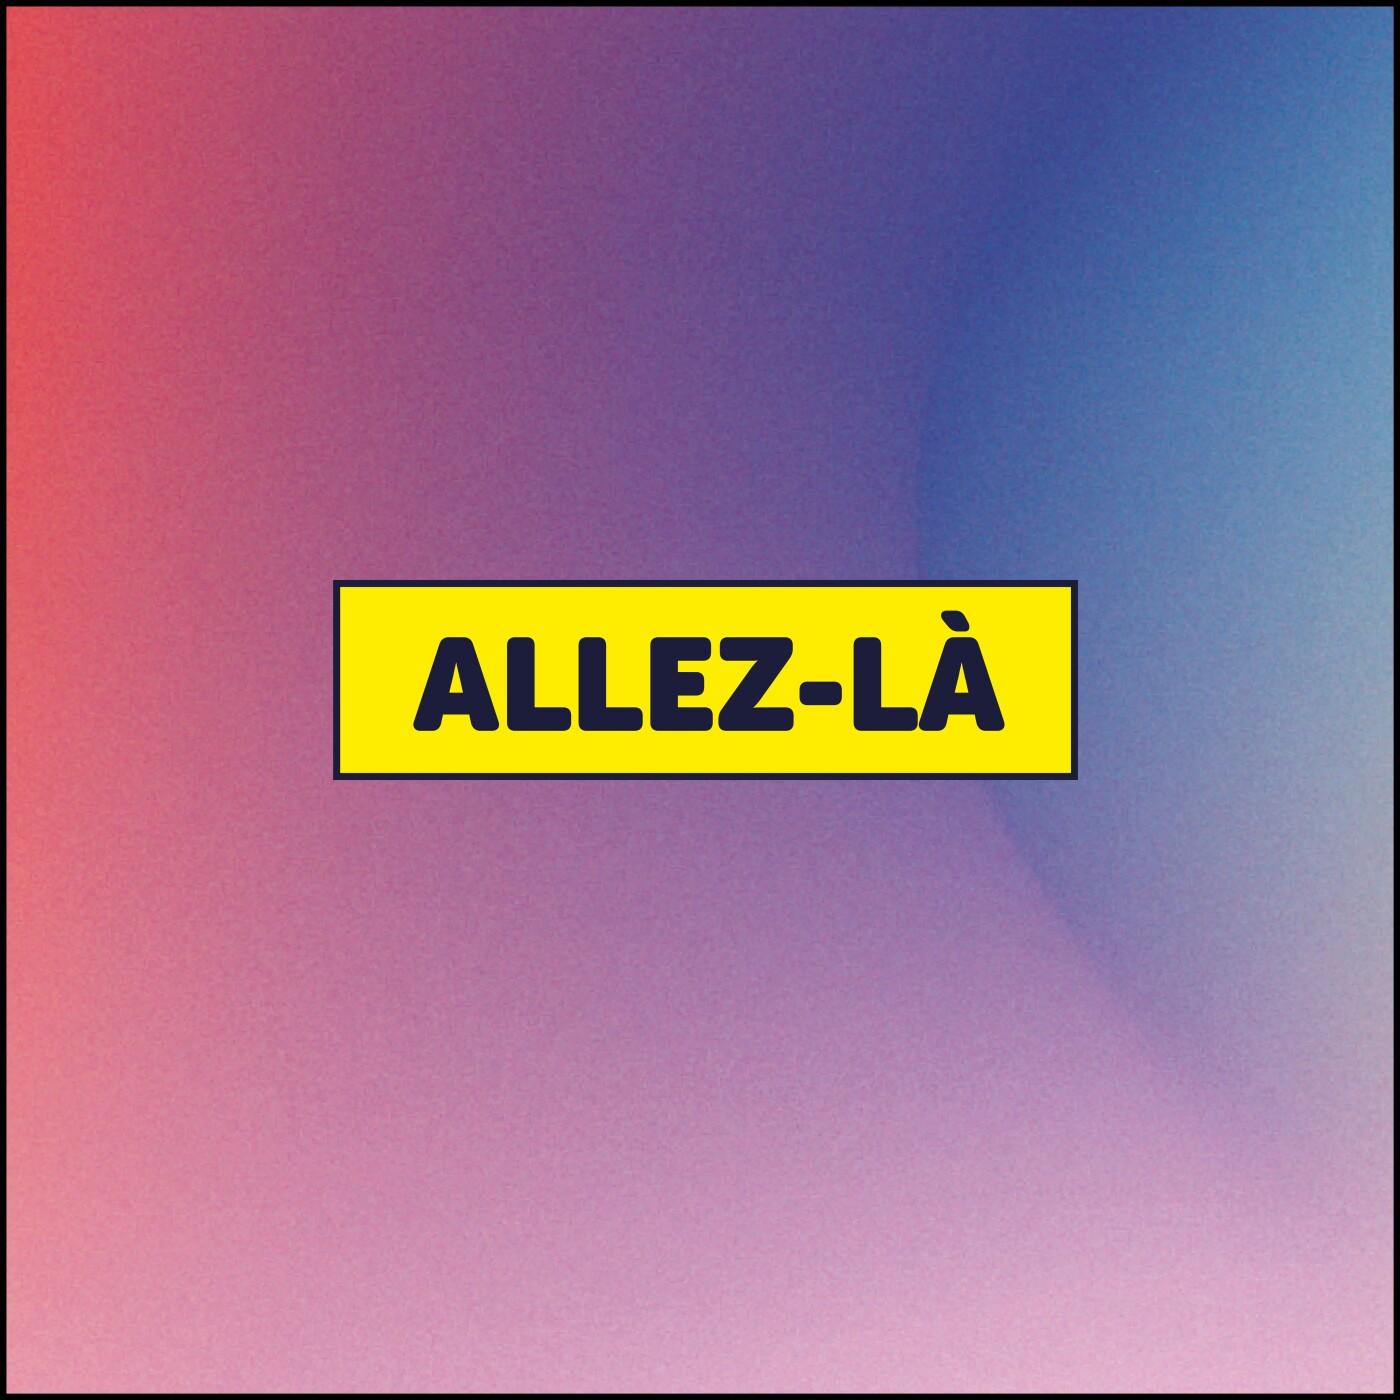 ALLEZ-LÀ